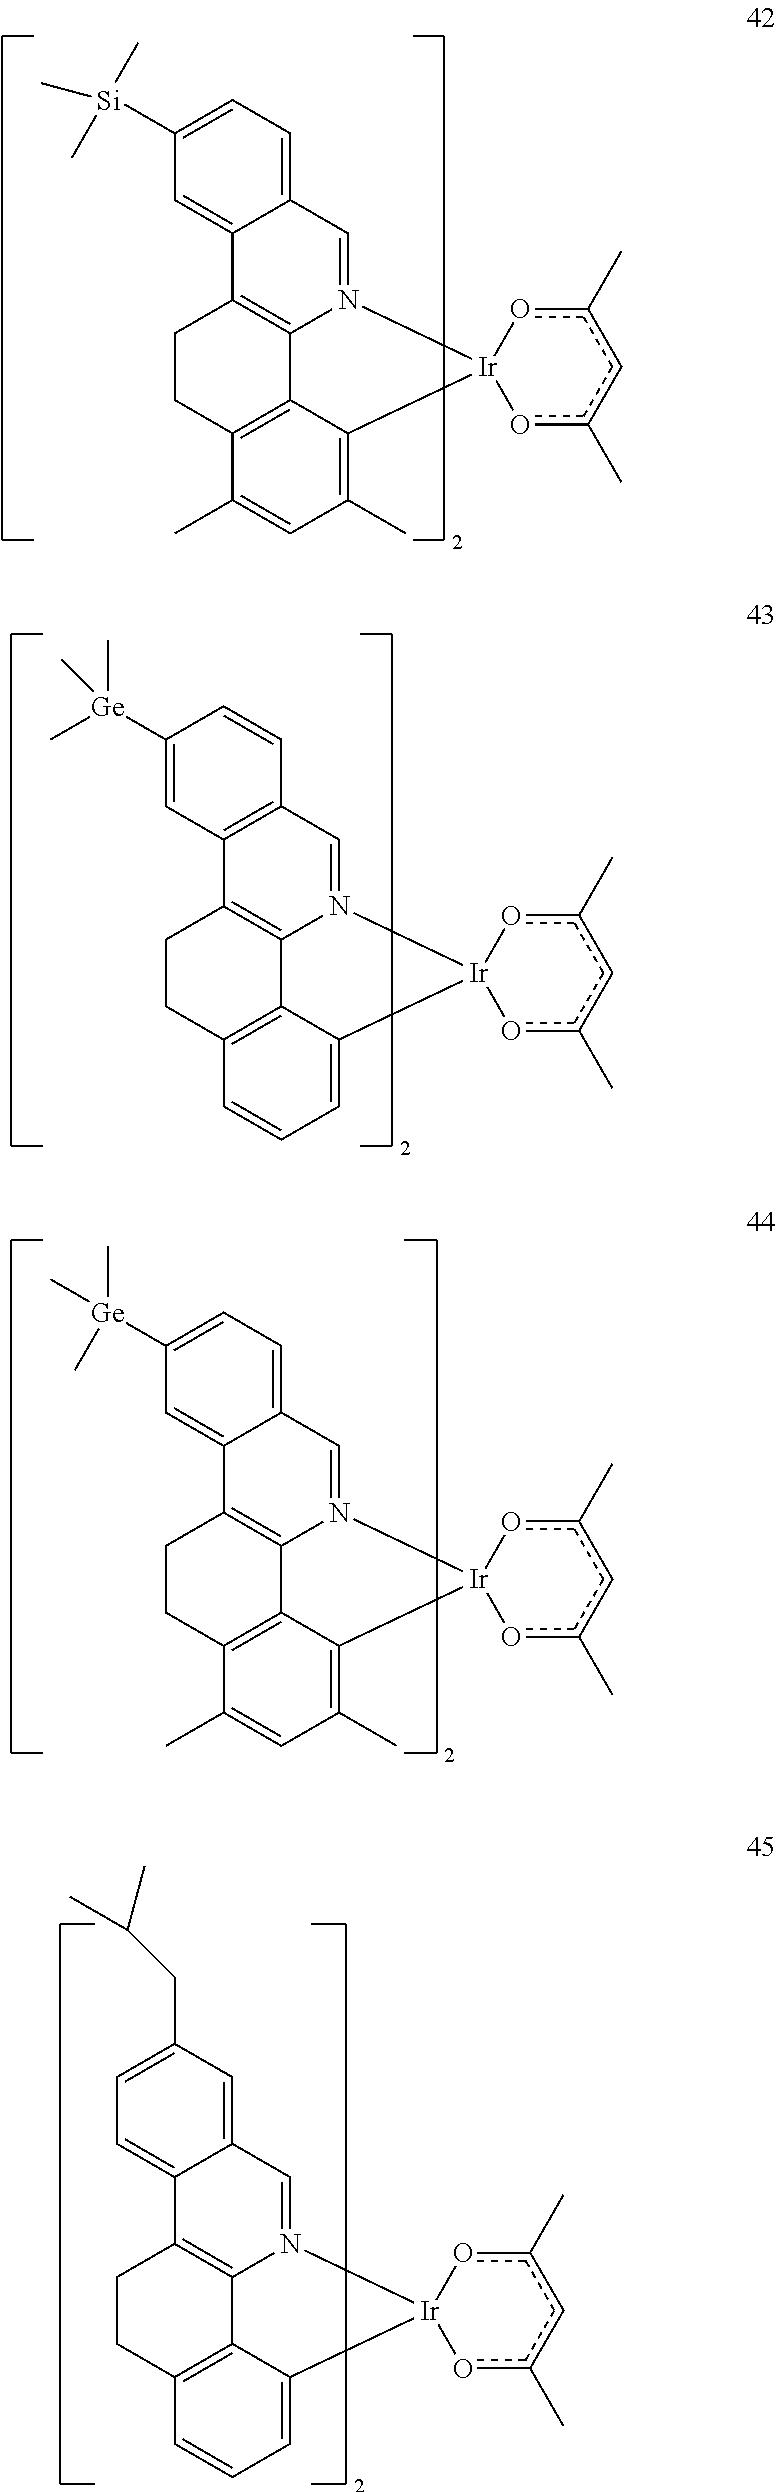 Figure US20130032785A1-20130207-C00037